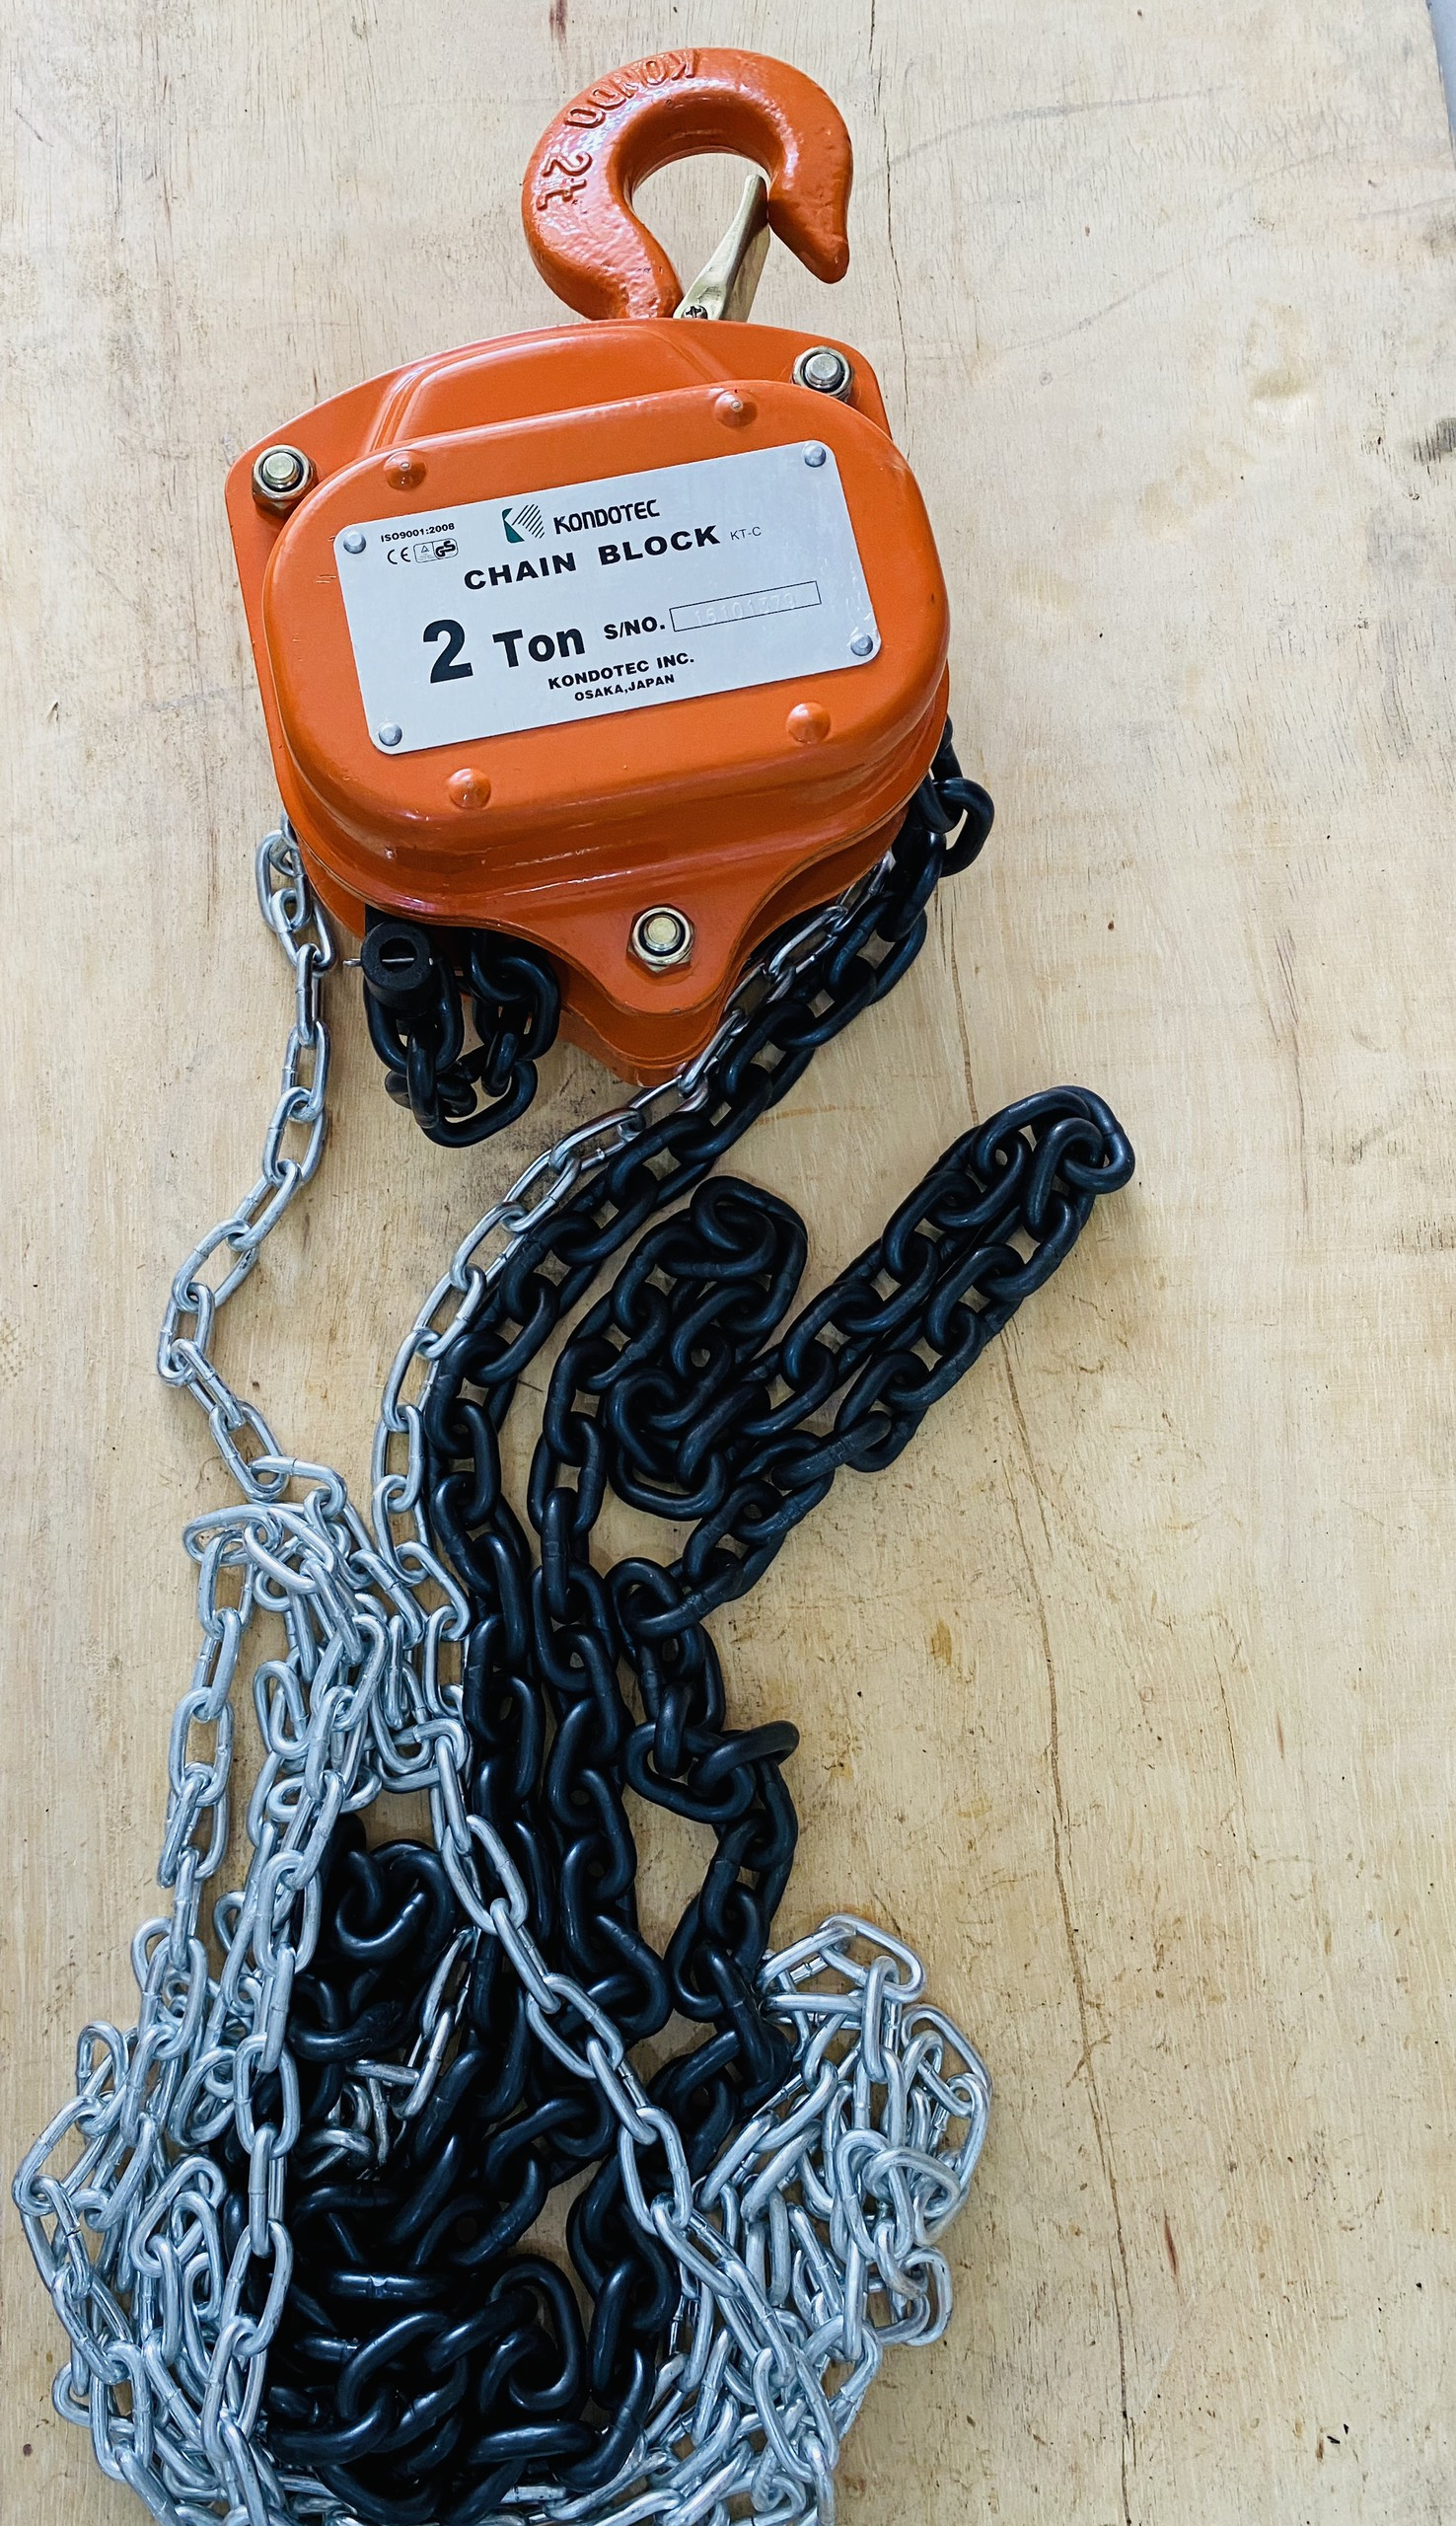 Palang Xích Kéo Tay 2 tấn Kondotec- Nhật Bản